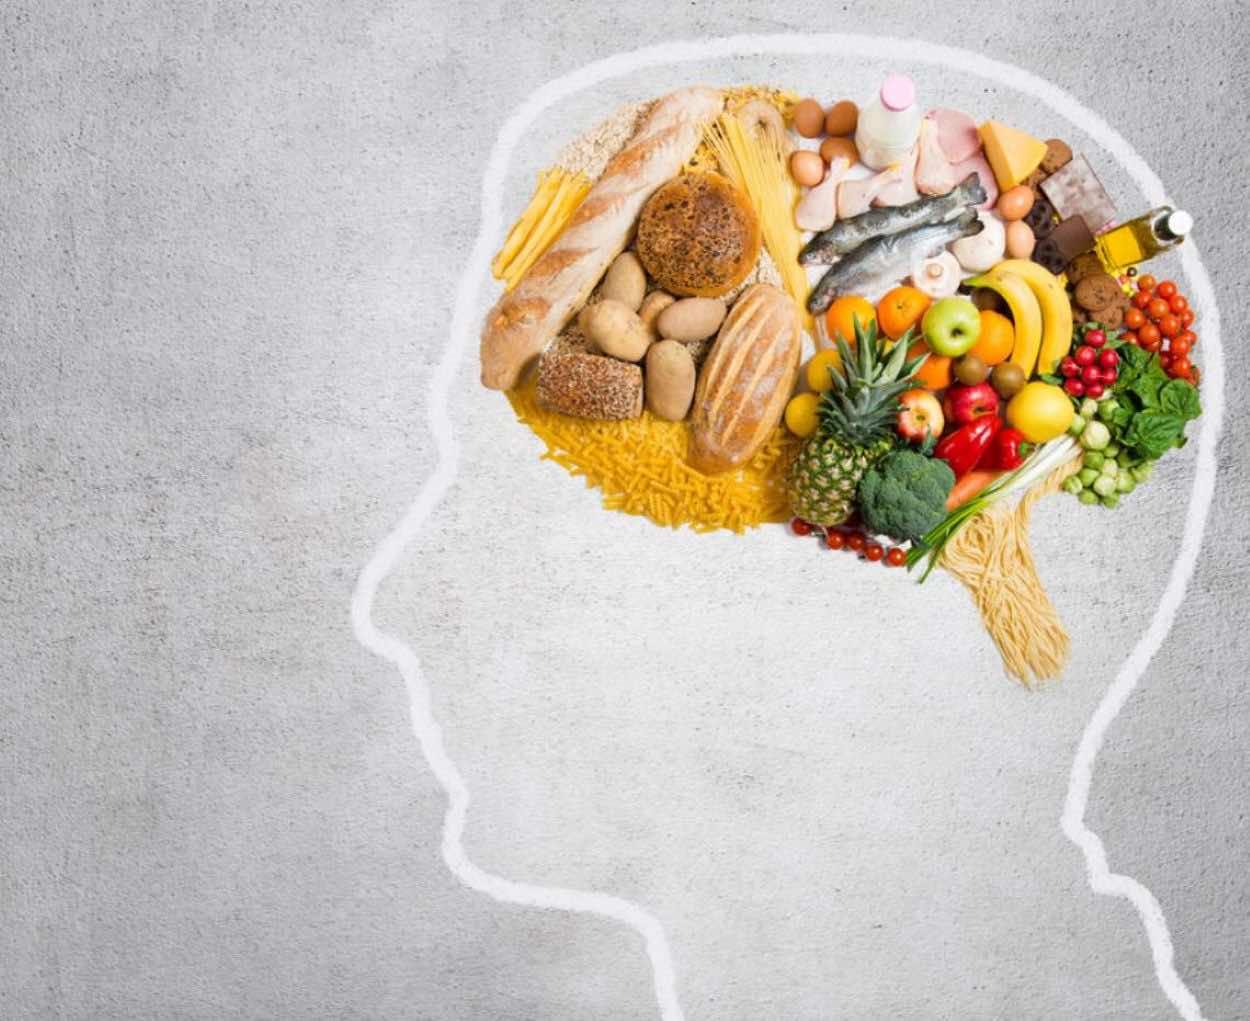 مايند دايت: الحمية الغذائية للمحافظة على صحة الذاكرة و تقليل فرص الإصابة بامراض ضعف الذاكرة